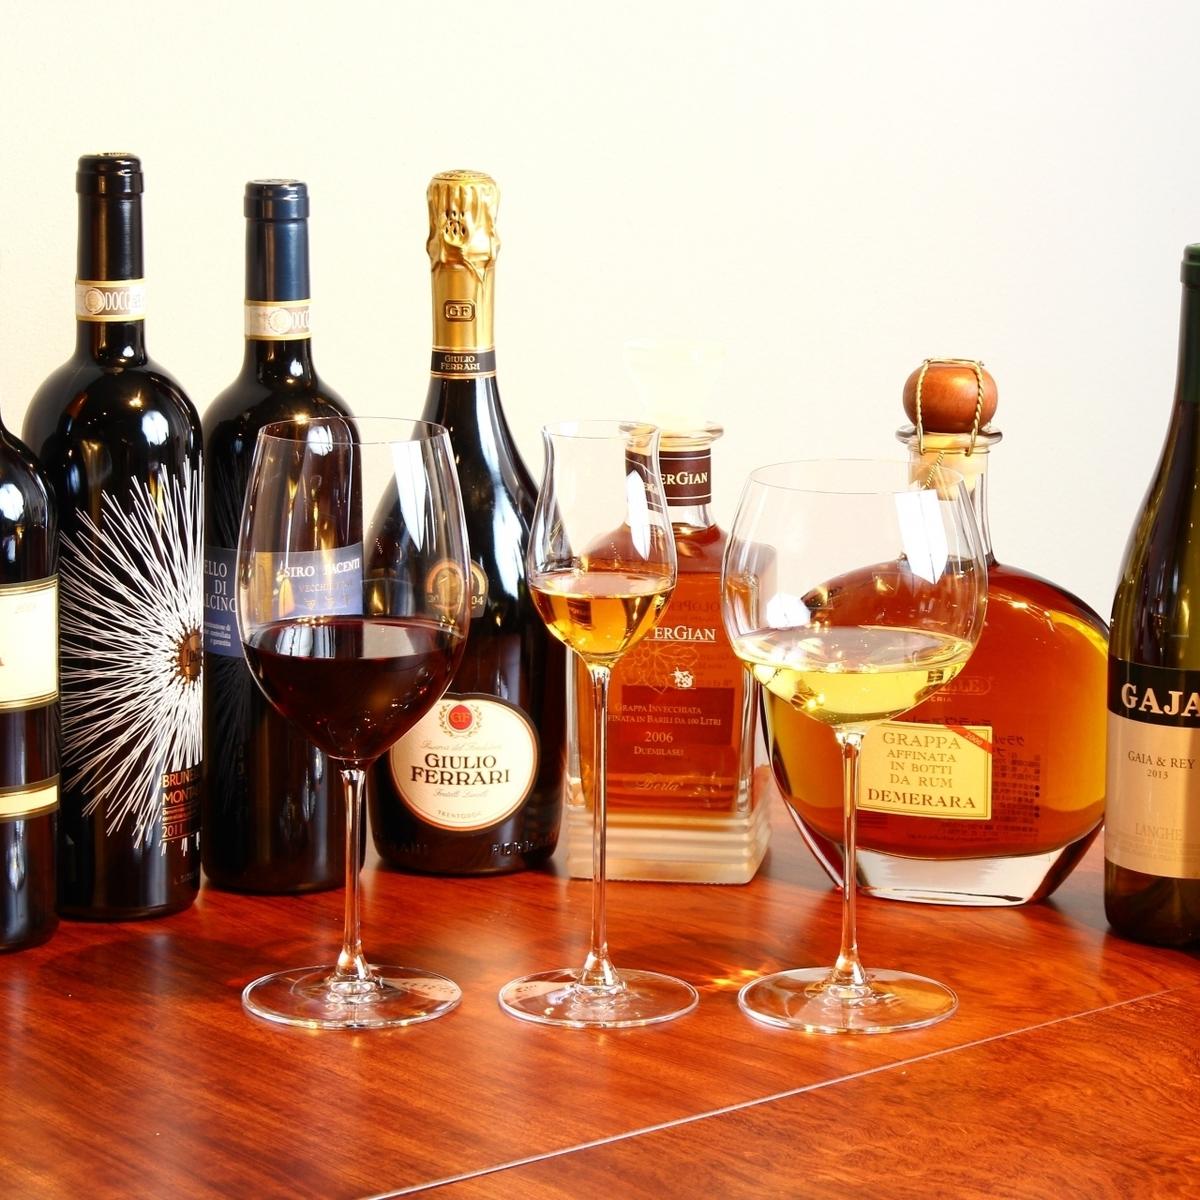 約100種類のイタリアンワインが楽しめる!